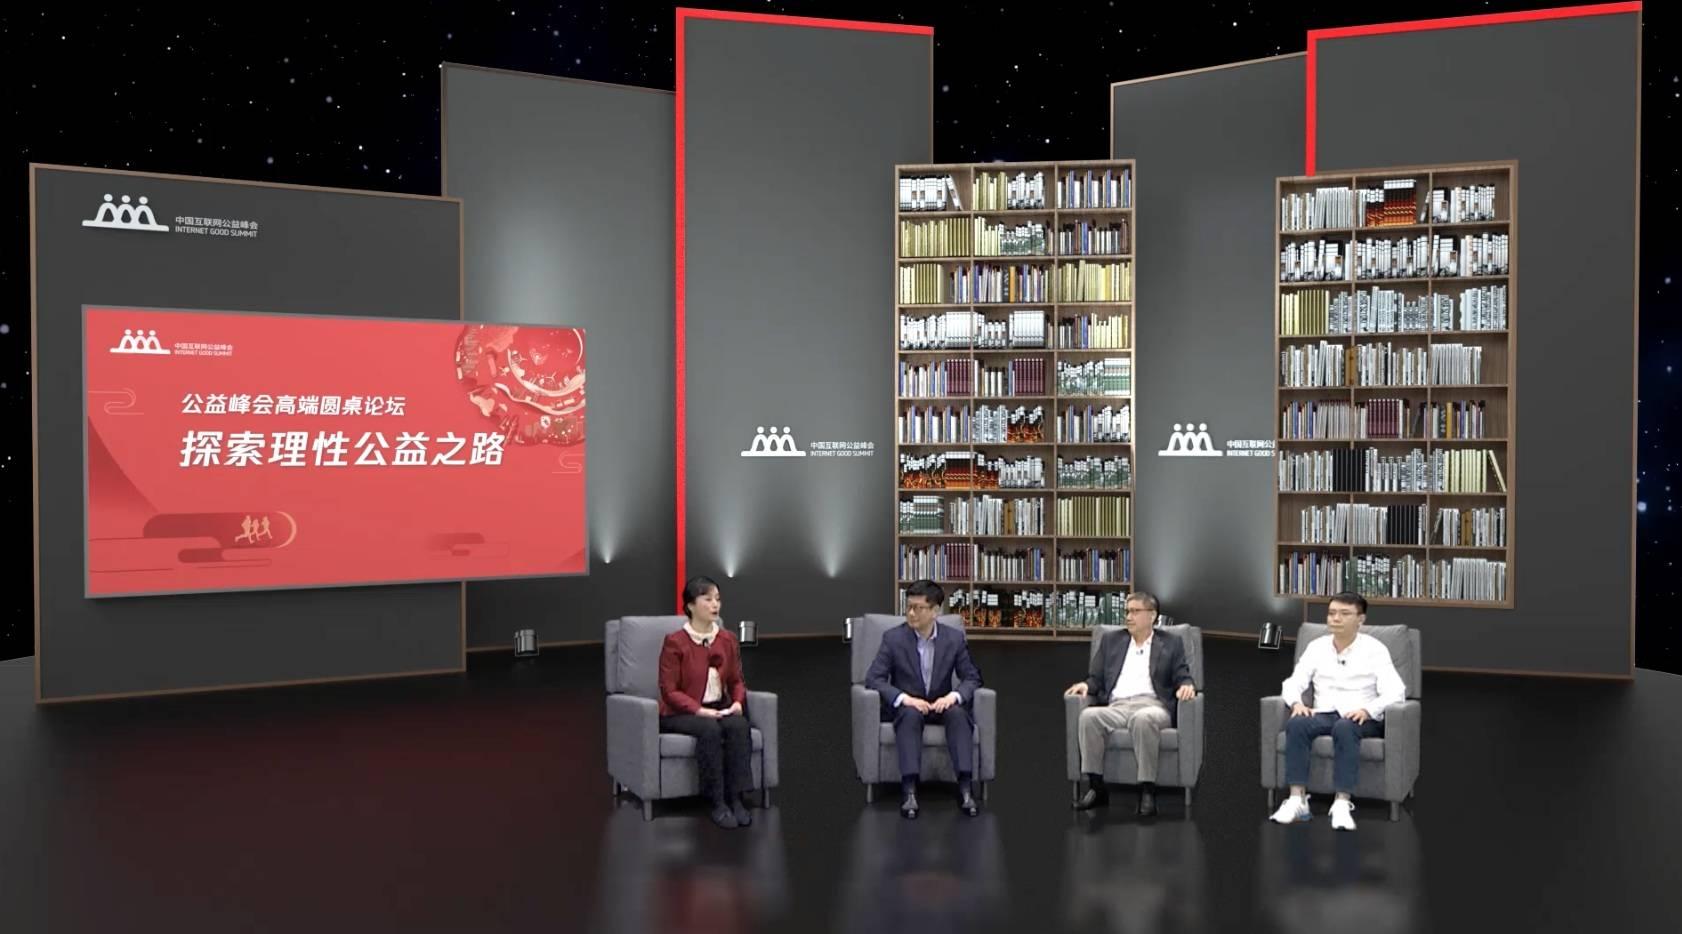 3000家公益组织云聚峰会 共议互联网公益的生机与未来